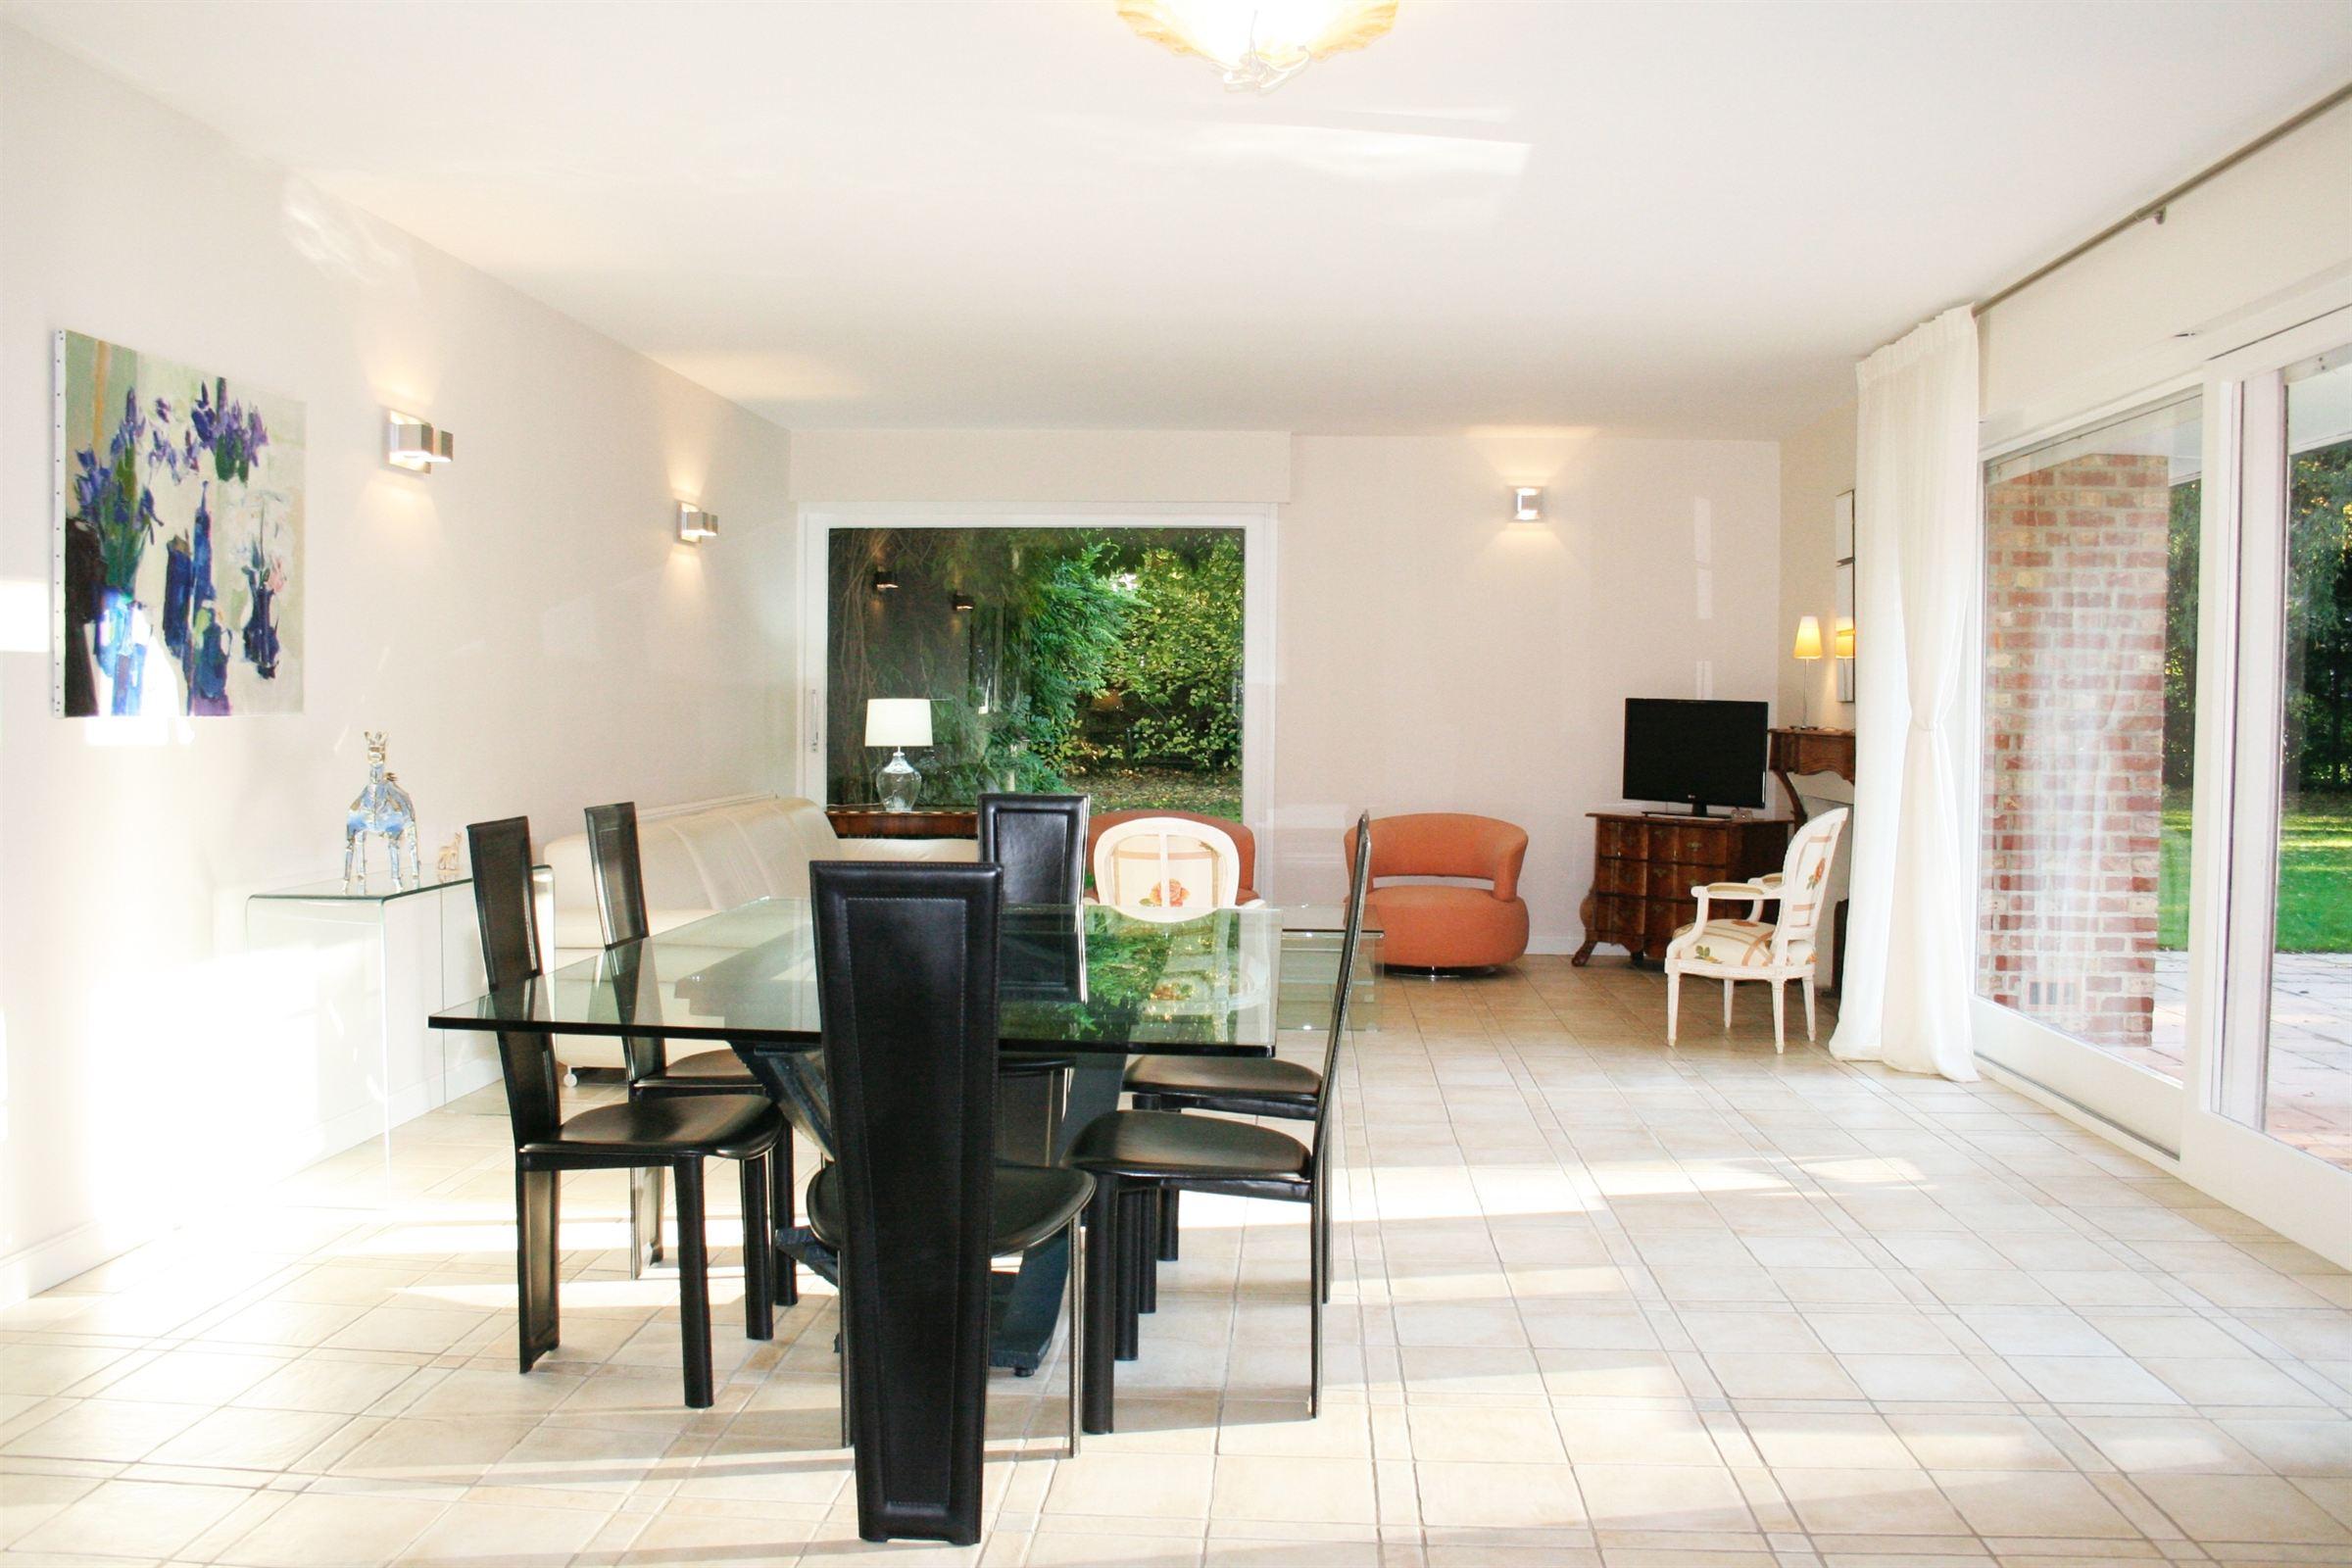 Property For Sale at VILLENEUVE D'ASCQ, BRIGODE, beau semi plain pied 5 ch. avec piscine